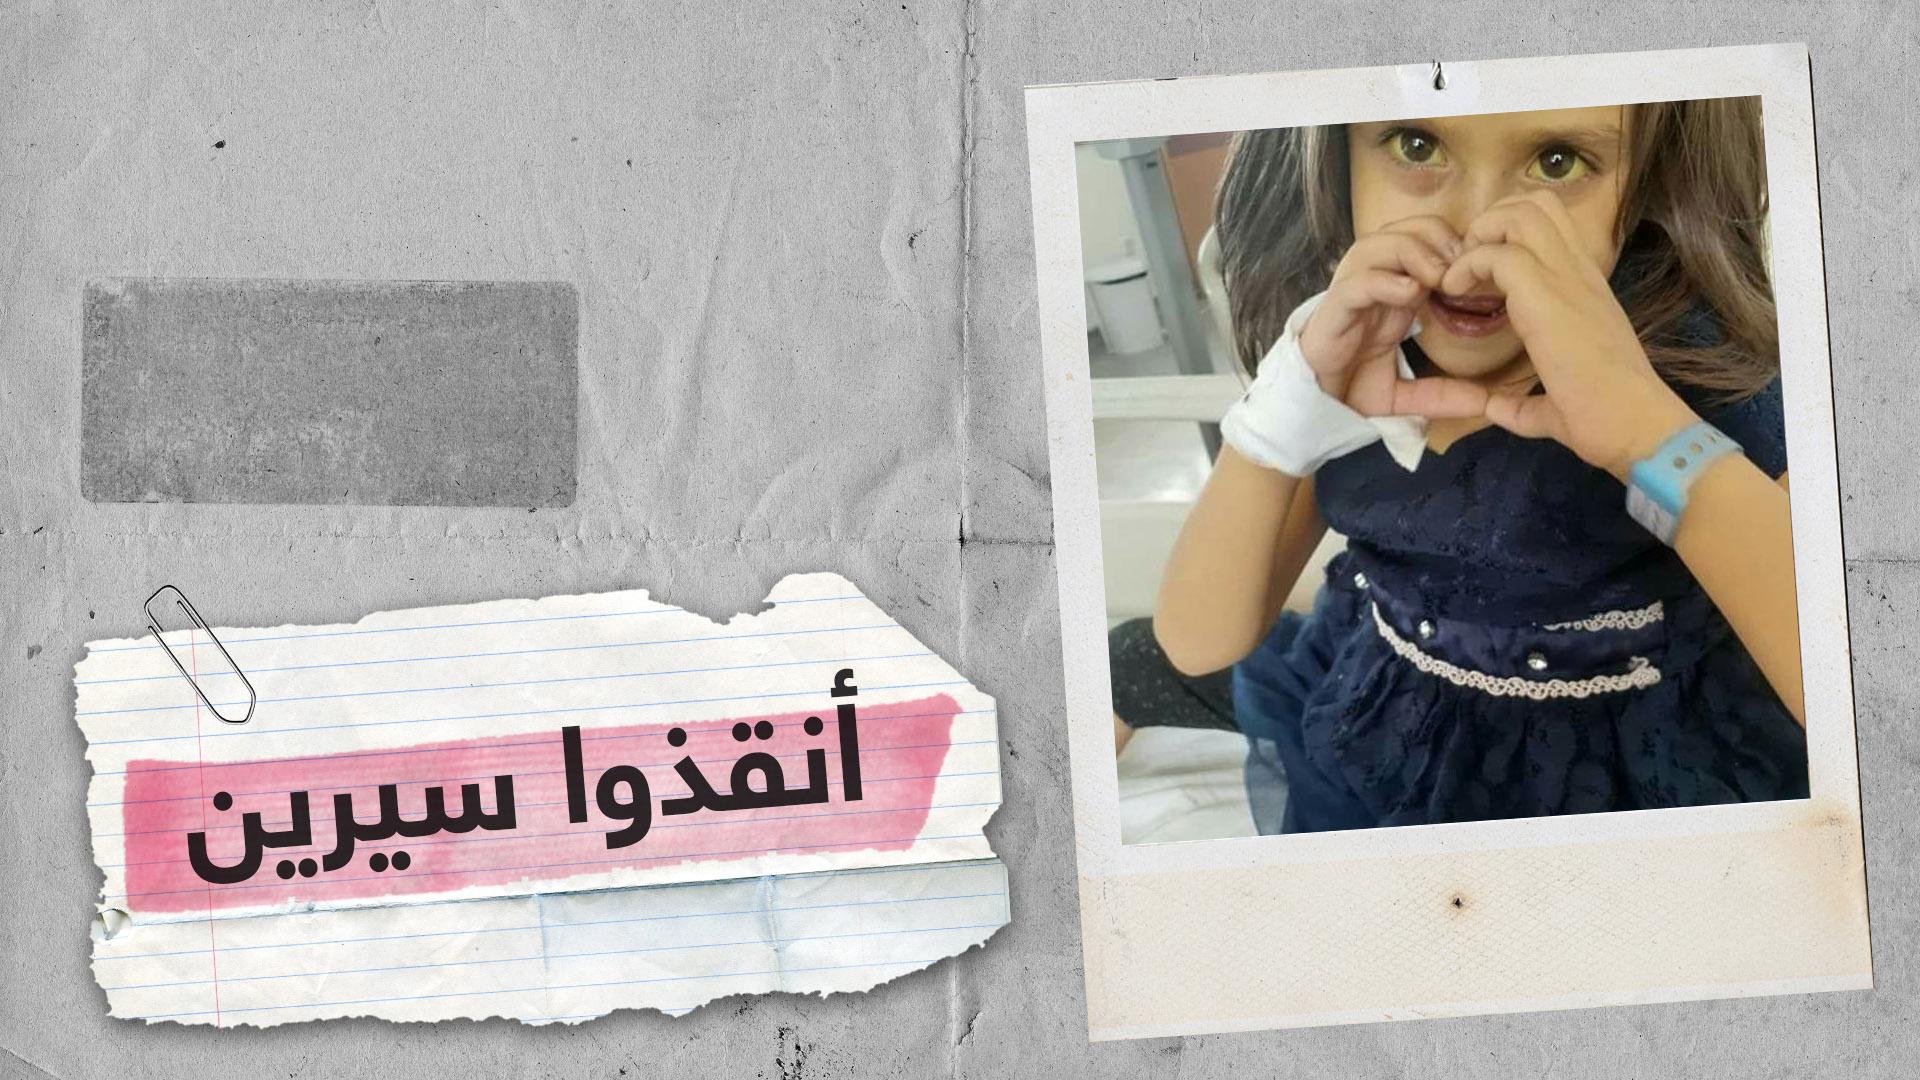 أنقذوا سيرين.. تعاطف كبير مع طفلة أردنية مريضة